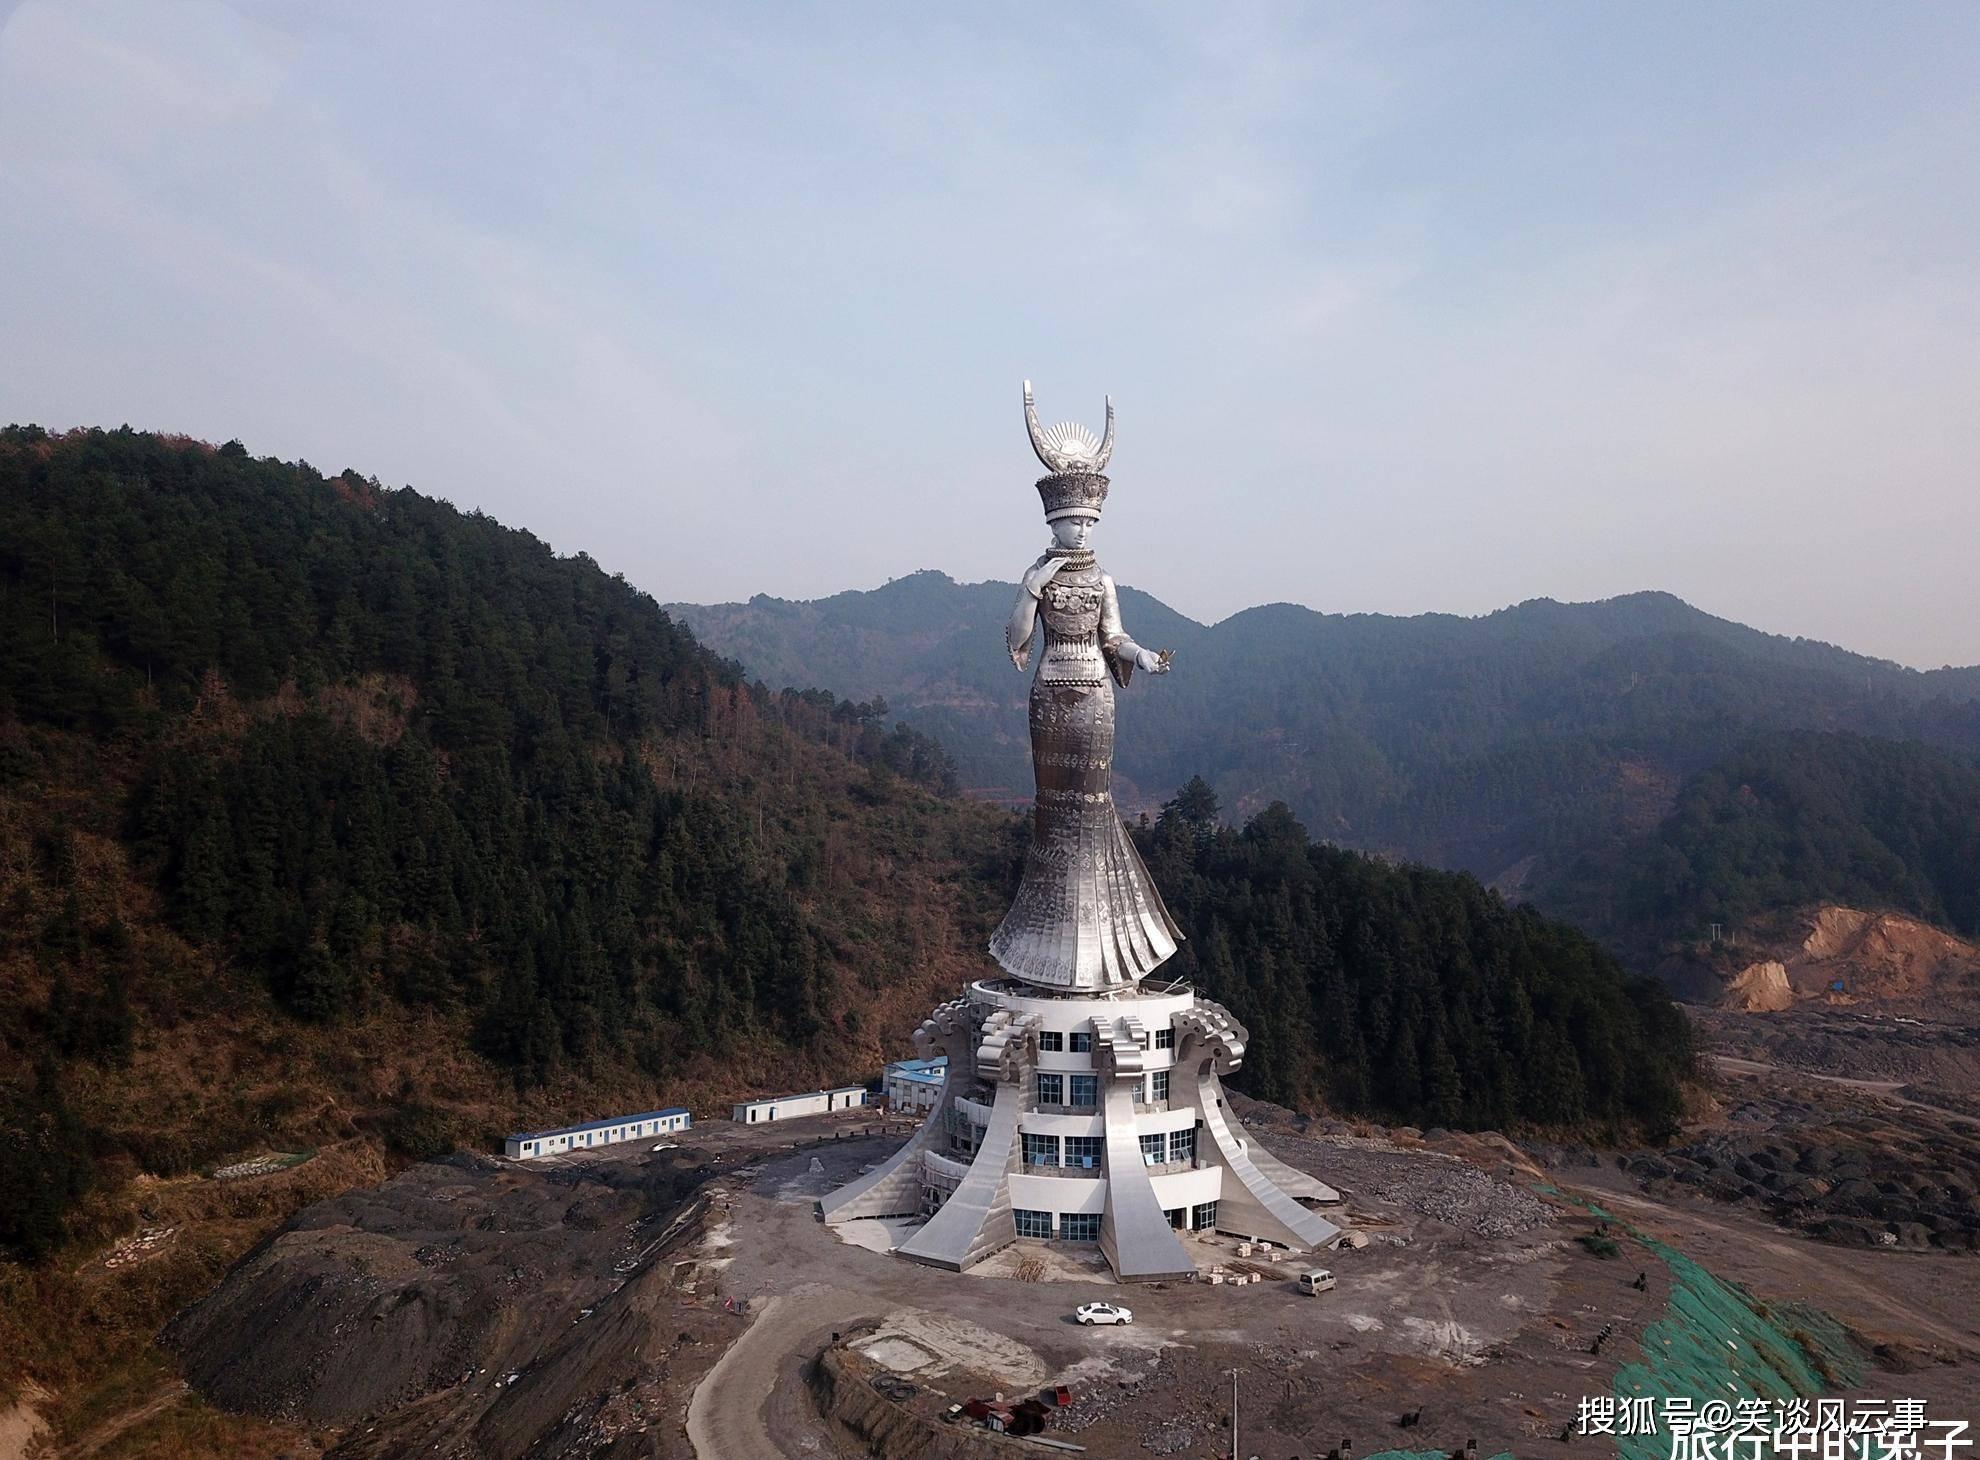 贵州贫困县斥资千万造88米女神像,被质疑,如今旅游收入大增